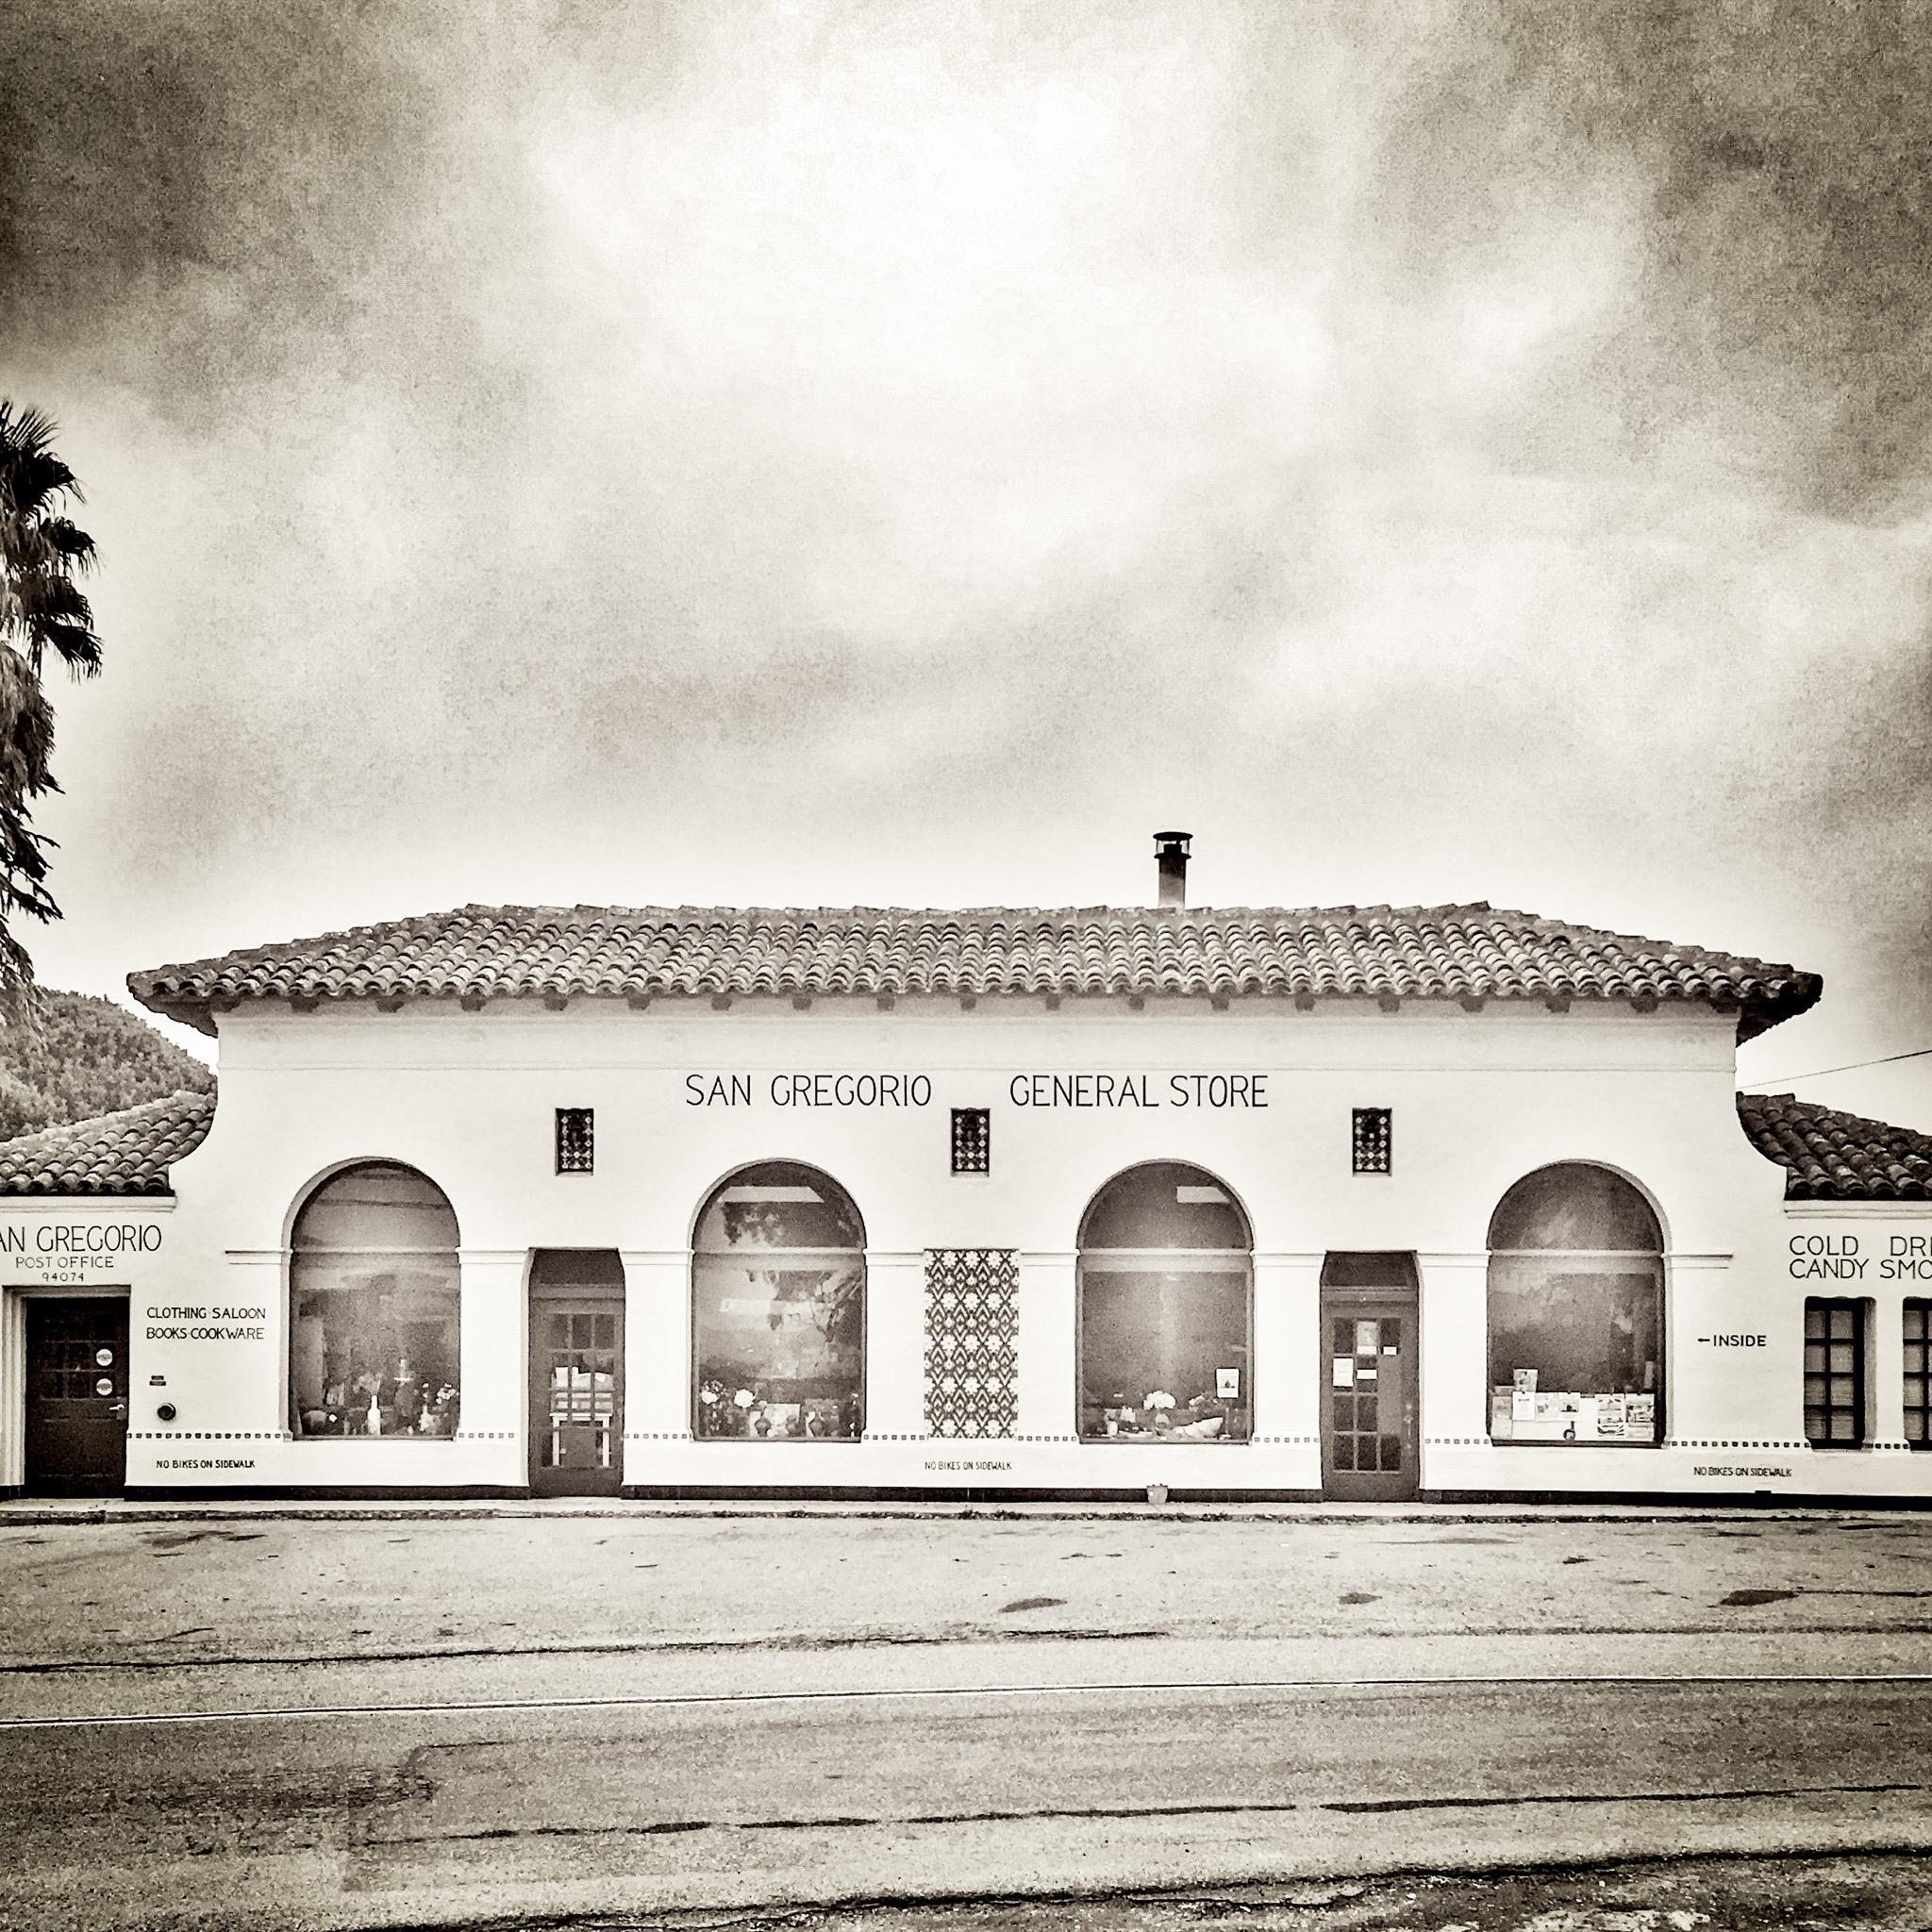 Beach House Hotel Half Moon Bay: San Gregorio History